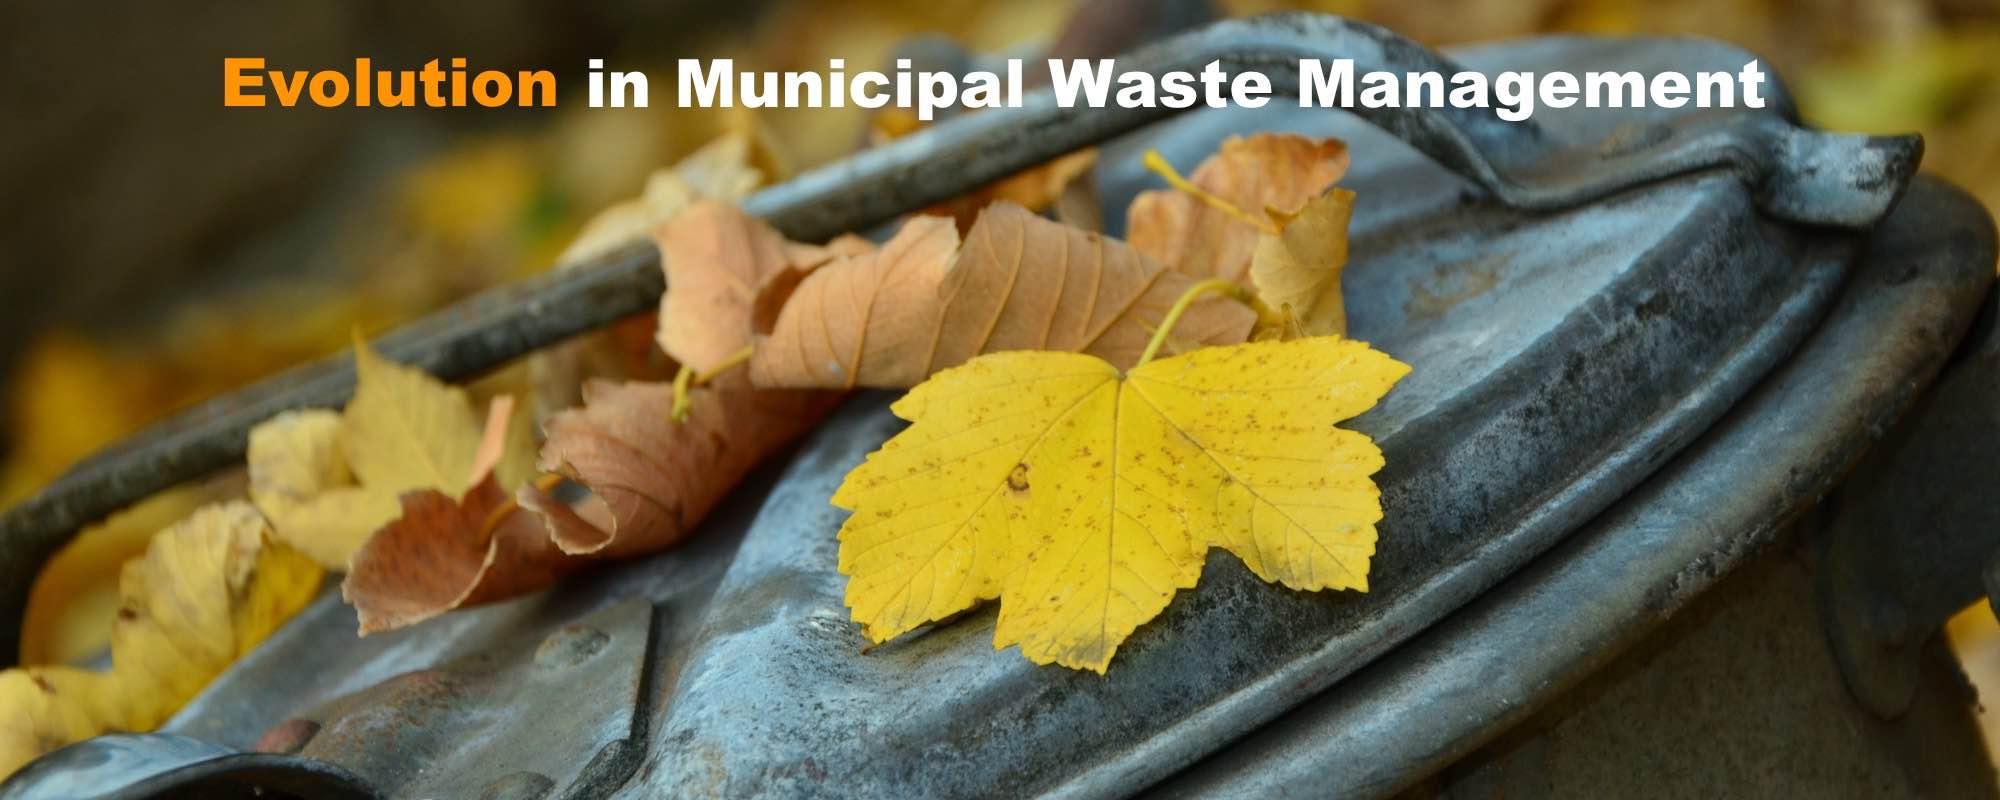 Evolution in municipal waste management